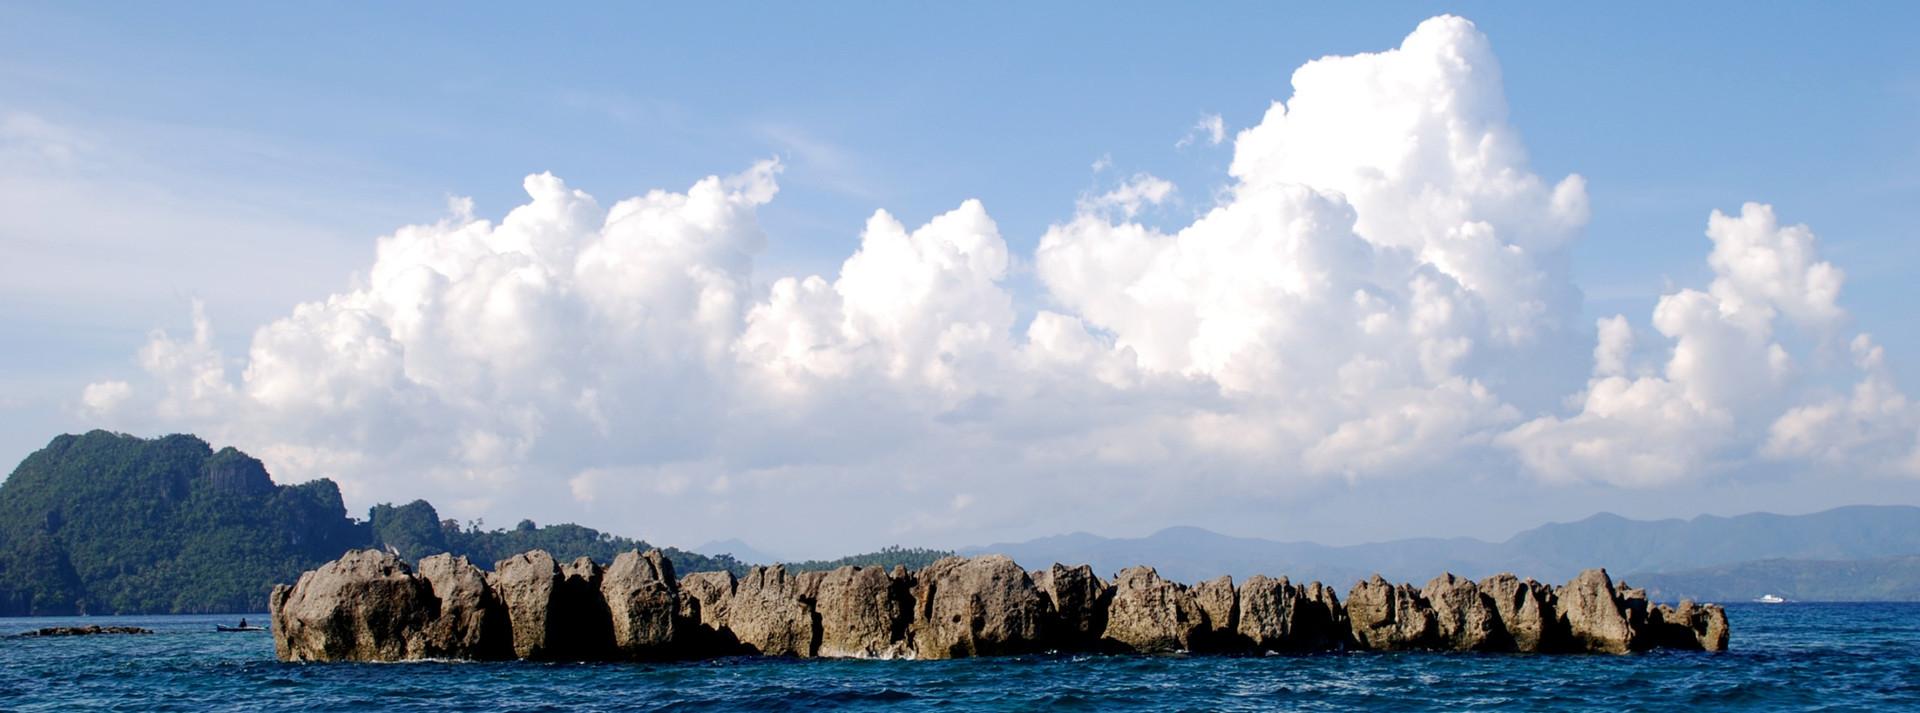 Biray-Biray Rock Formation (Local Barome